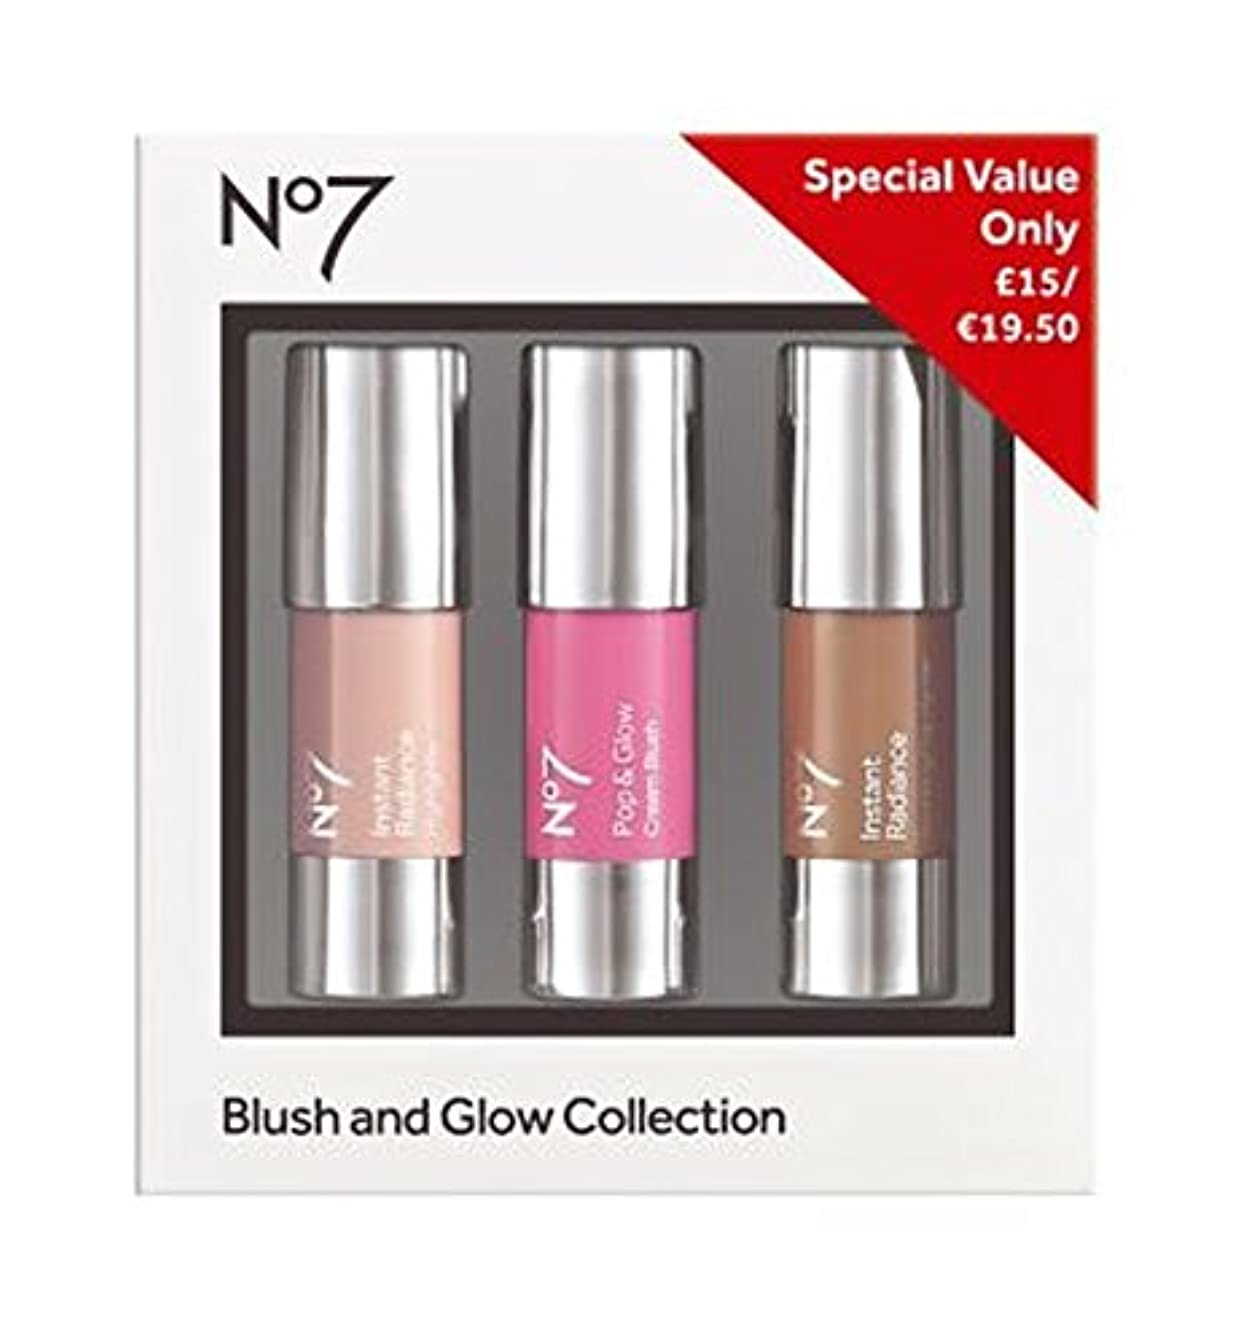 アヒル友だちしつけNo7 Blush and Glow Collection - No7の赤面とグローコレクション (No7) [並行輸入品]